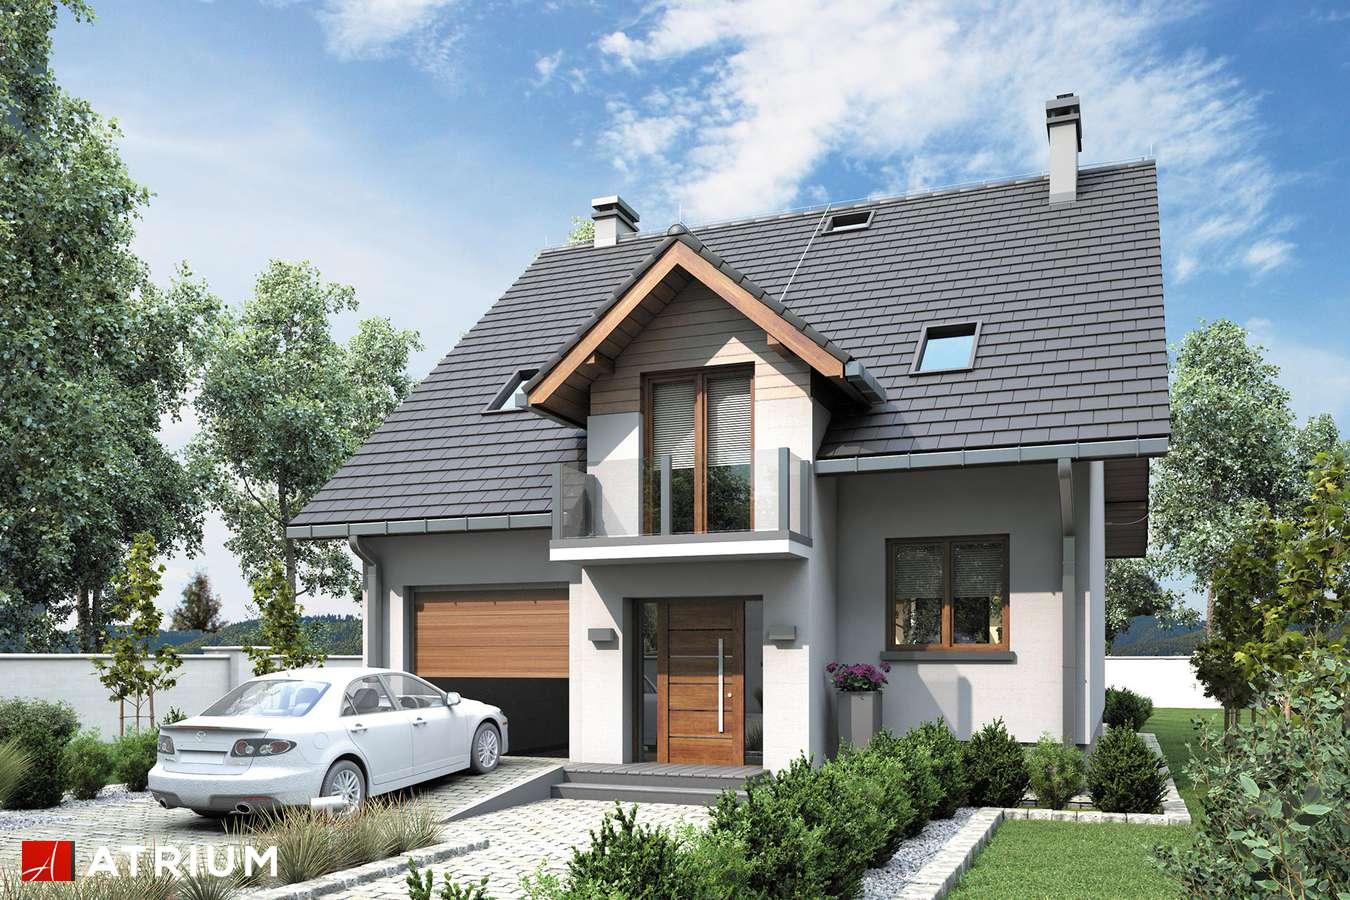 Projekty domów - Projekt domu z poddaszem KANON II BIS - wizualizacja 1 - wersja lustrzana